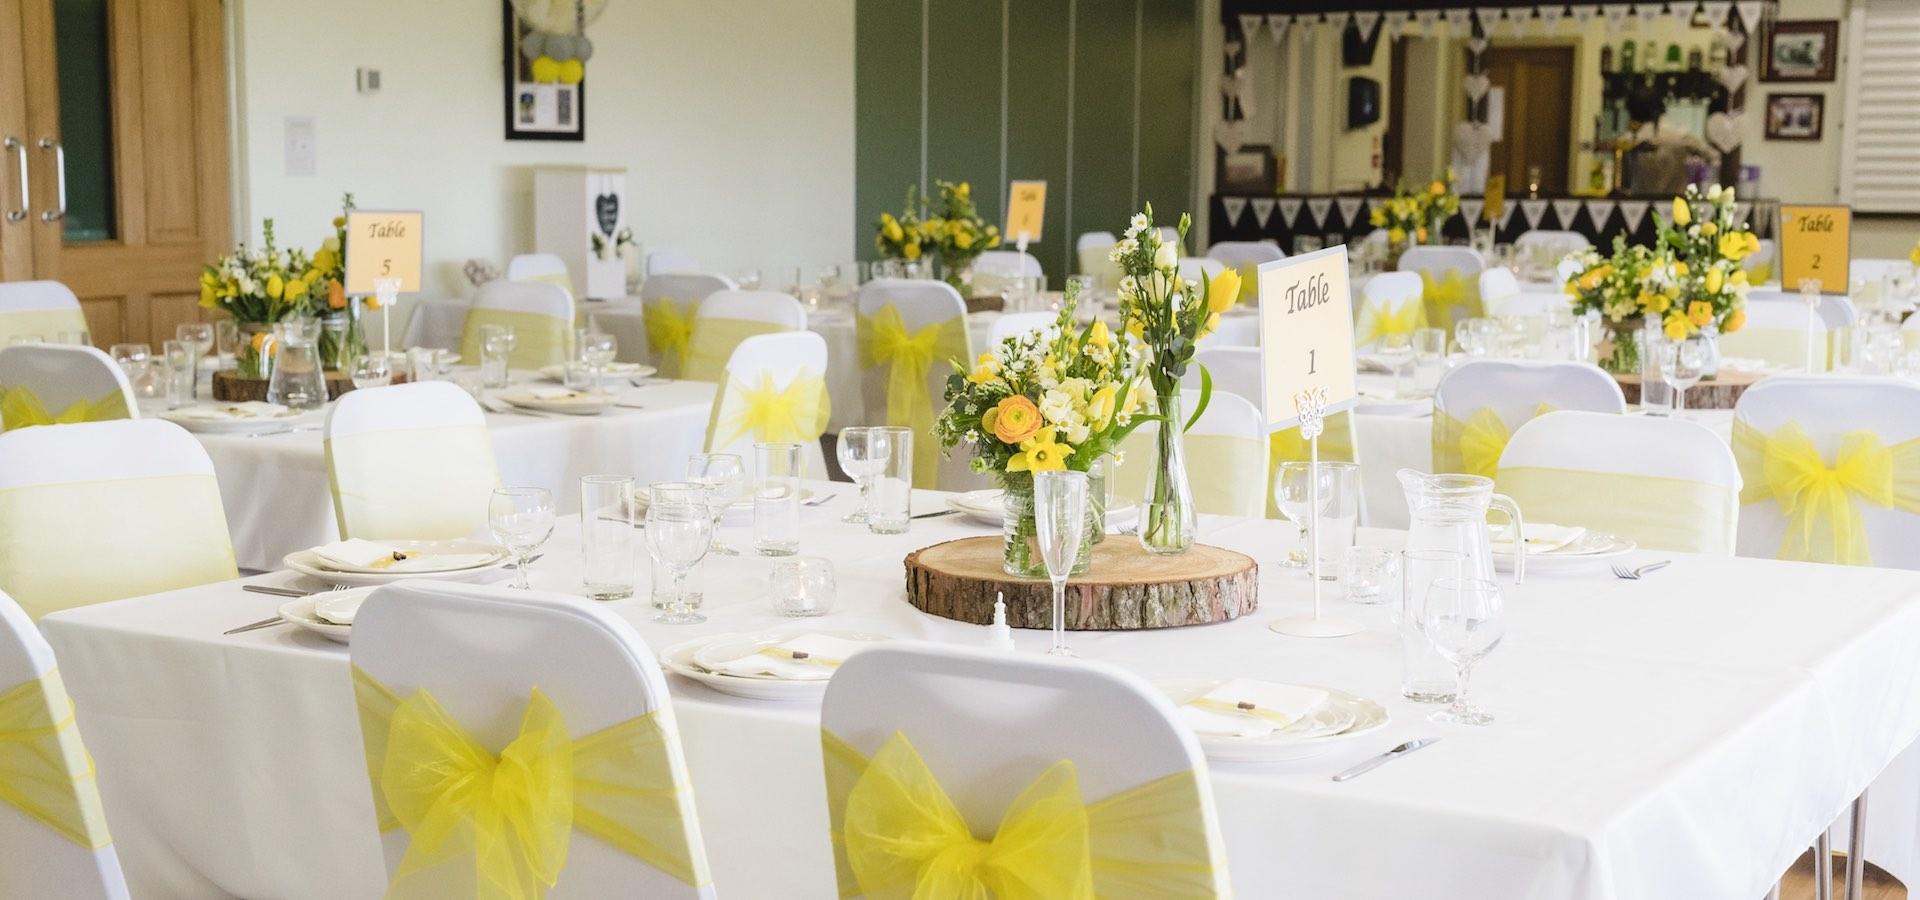 Blymhill and Weston Under Lizard Village Hall Wedding Venue 4